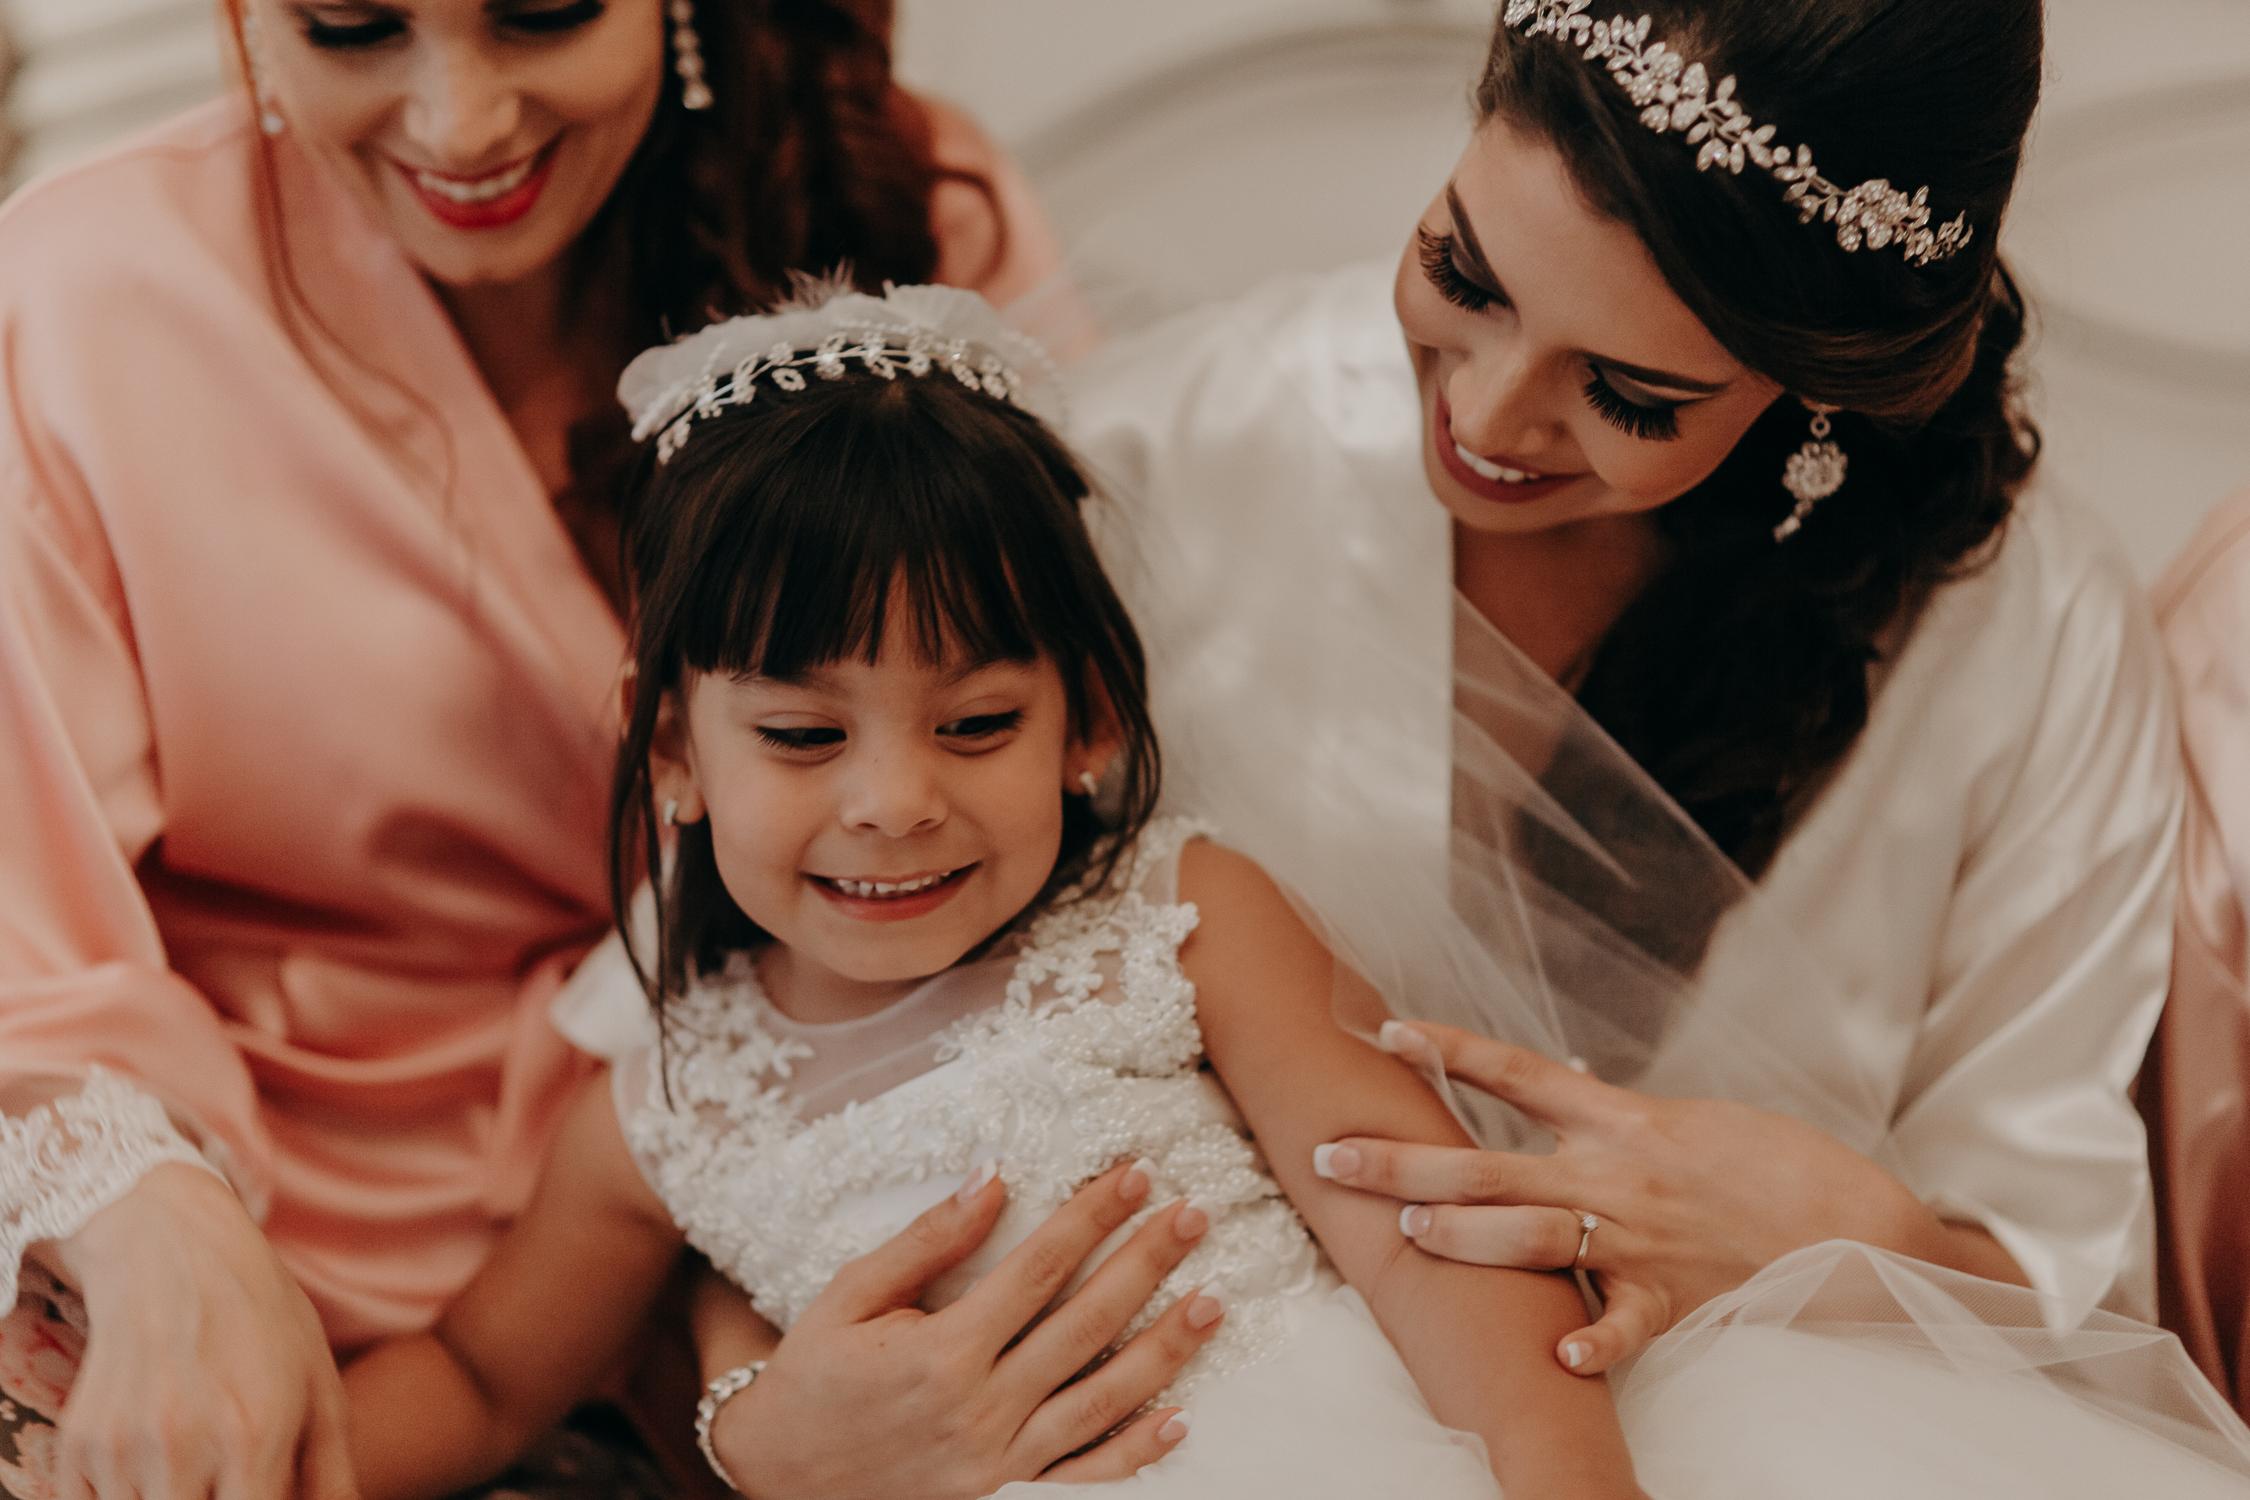 Michelle-Agurto-Fotografia-Bodas-Ecuador-Destination-Wedding-Photographer-Patricia-Guido-17.JPG